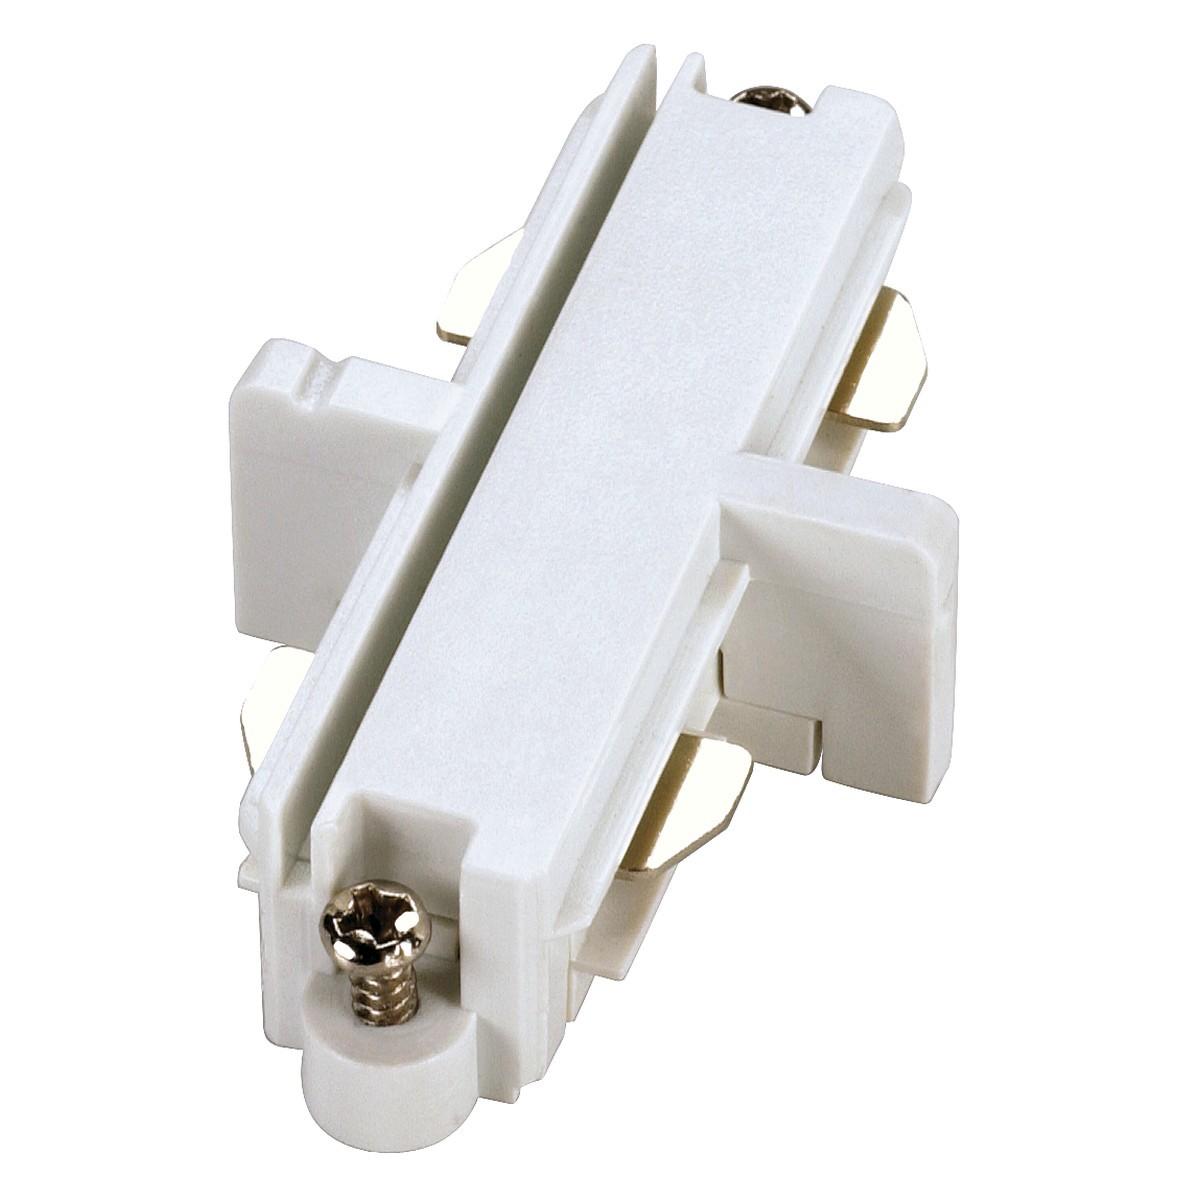 SPOTLINE/SLV 1-fazowa Łącznik podłużny elektr. HV. Biały. 143091